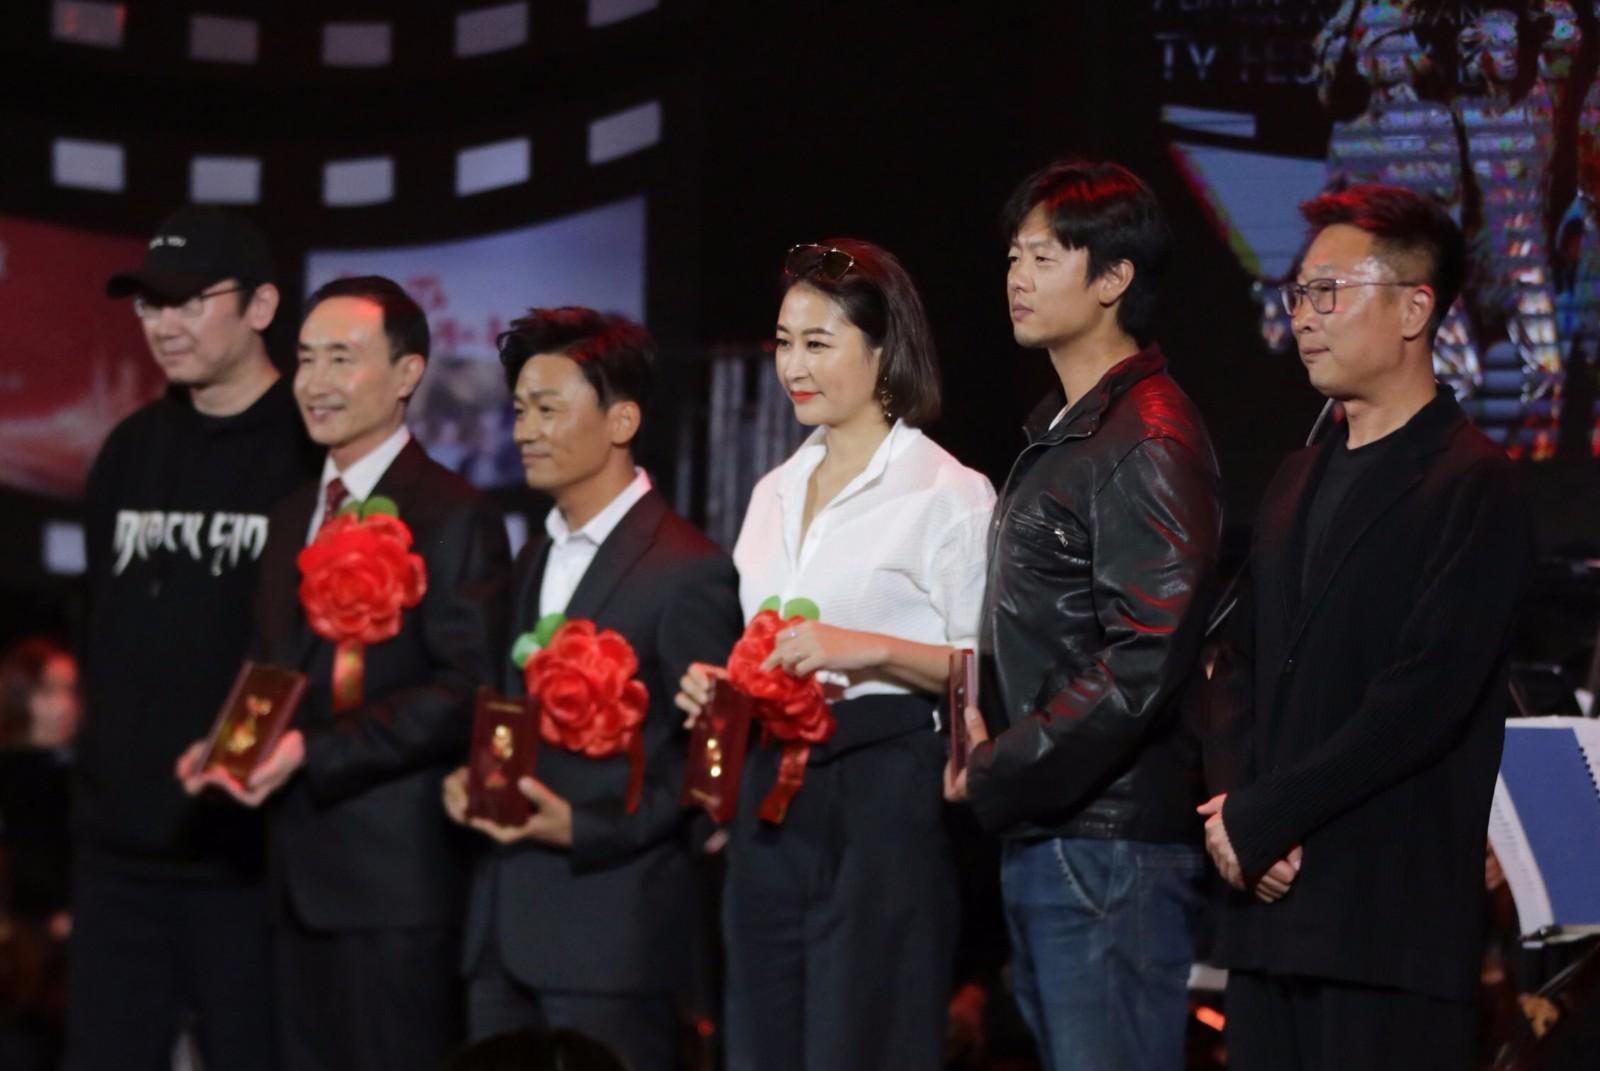 凌潇肃获中影突出贡献奖 不忘初心成就电影人